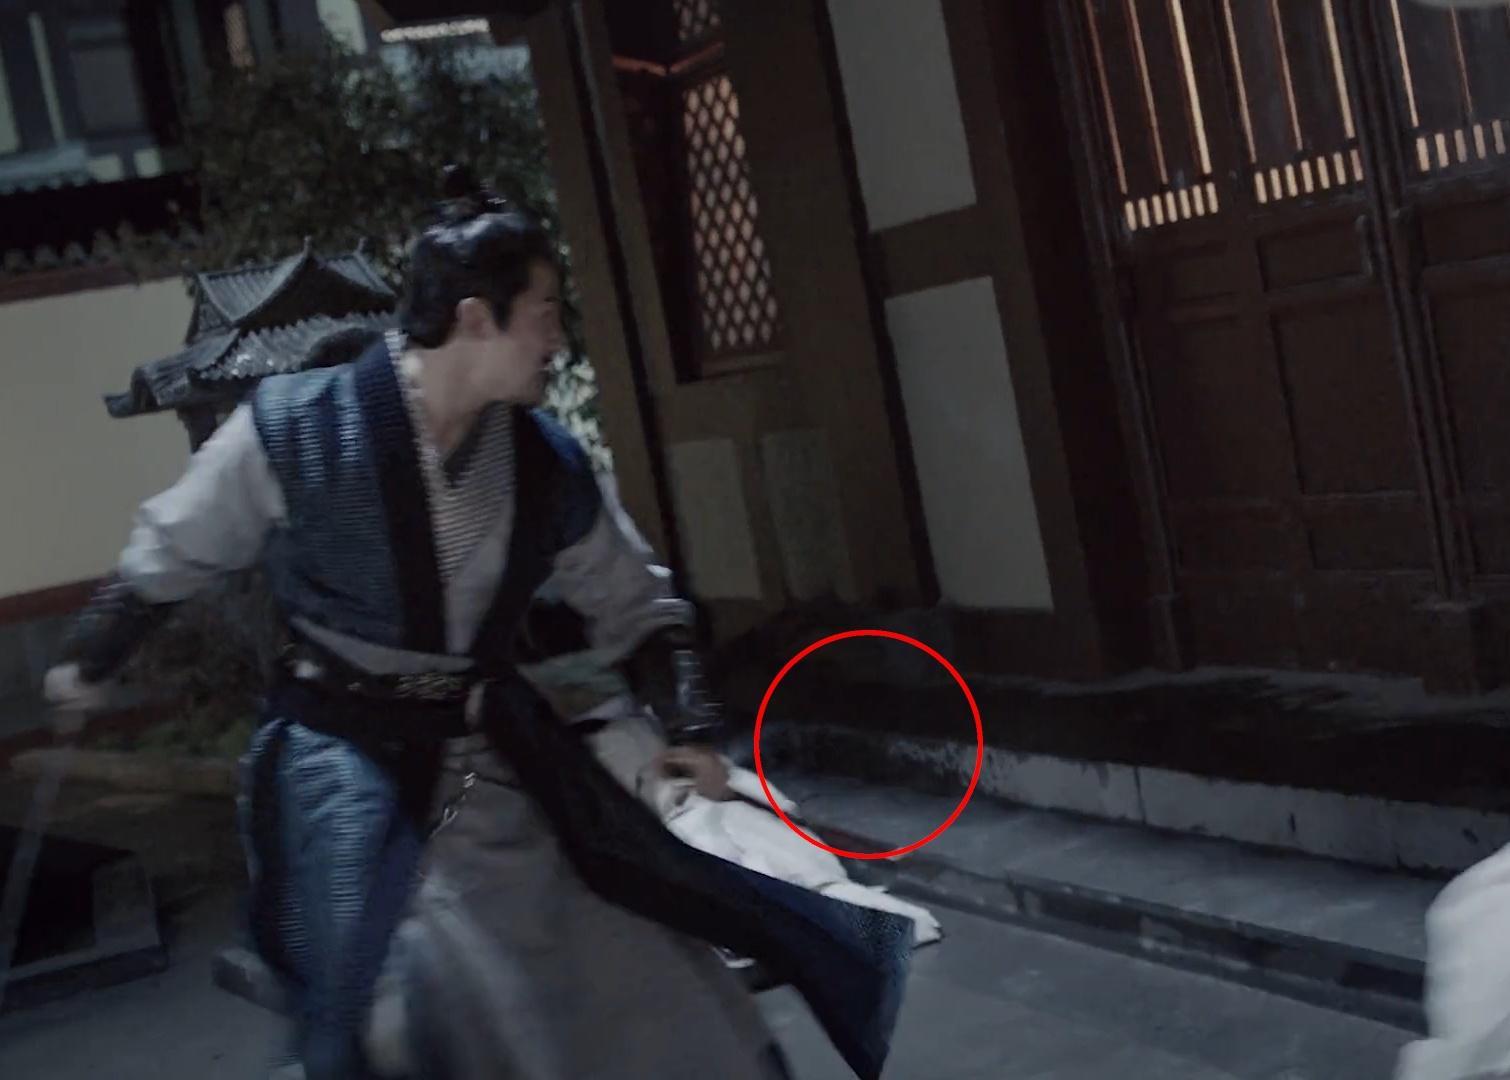 Phim cổ trang Trung Quốc bị chê giả khi dùng thuốc bắc thay cho máu Ảnh 15